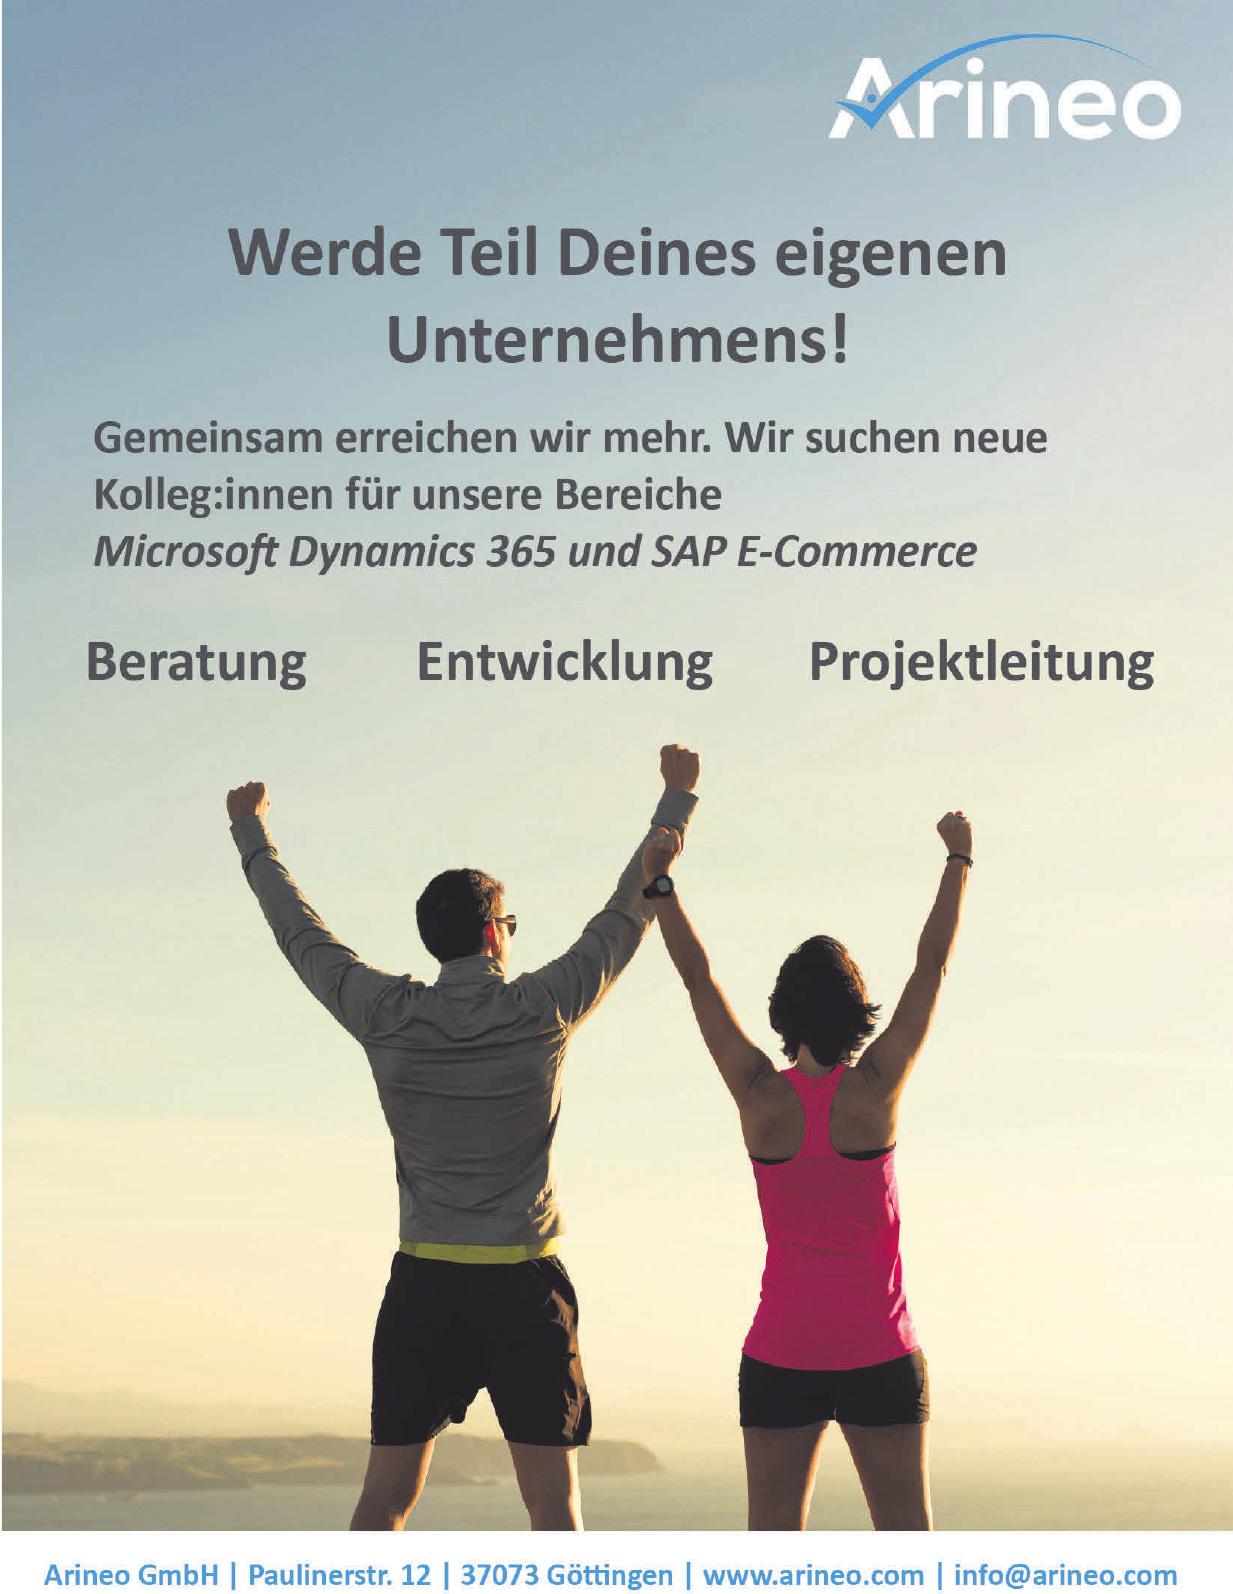 Arineo GmbH